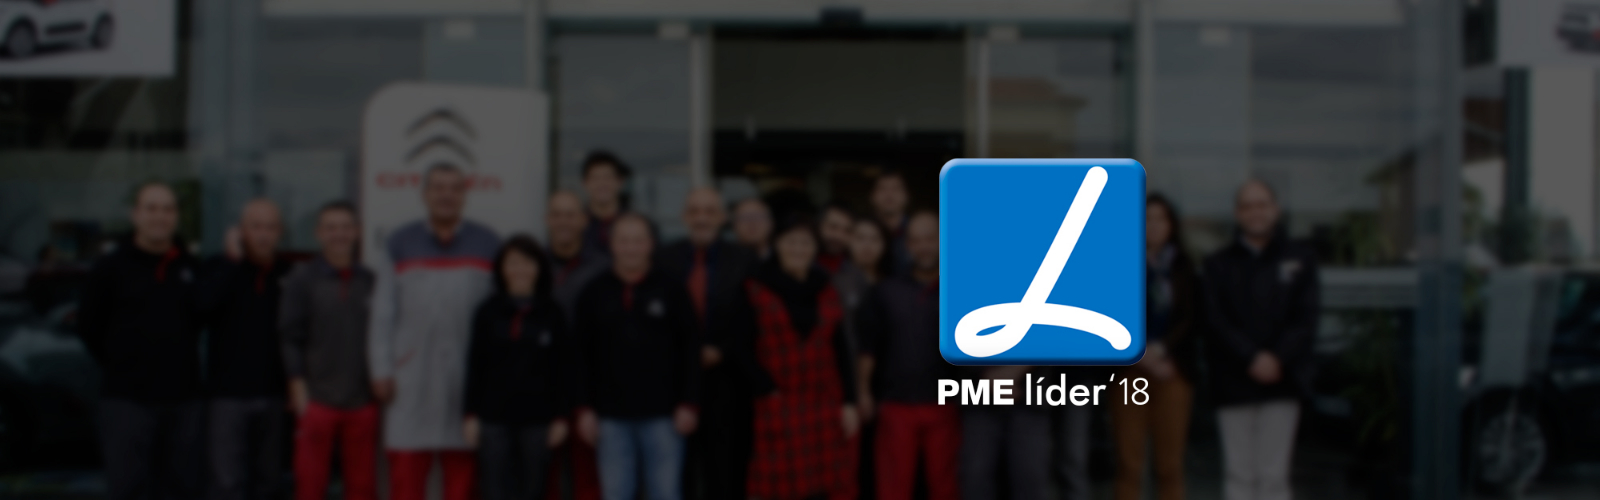 equipa Carlos Simões com logotipo de distinção de PME Líder 2018